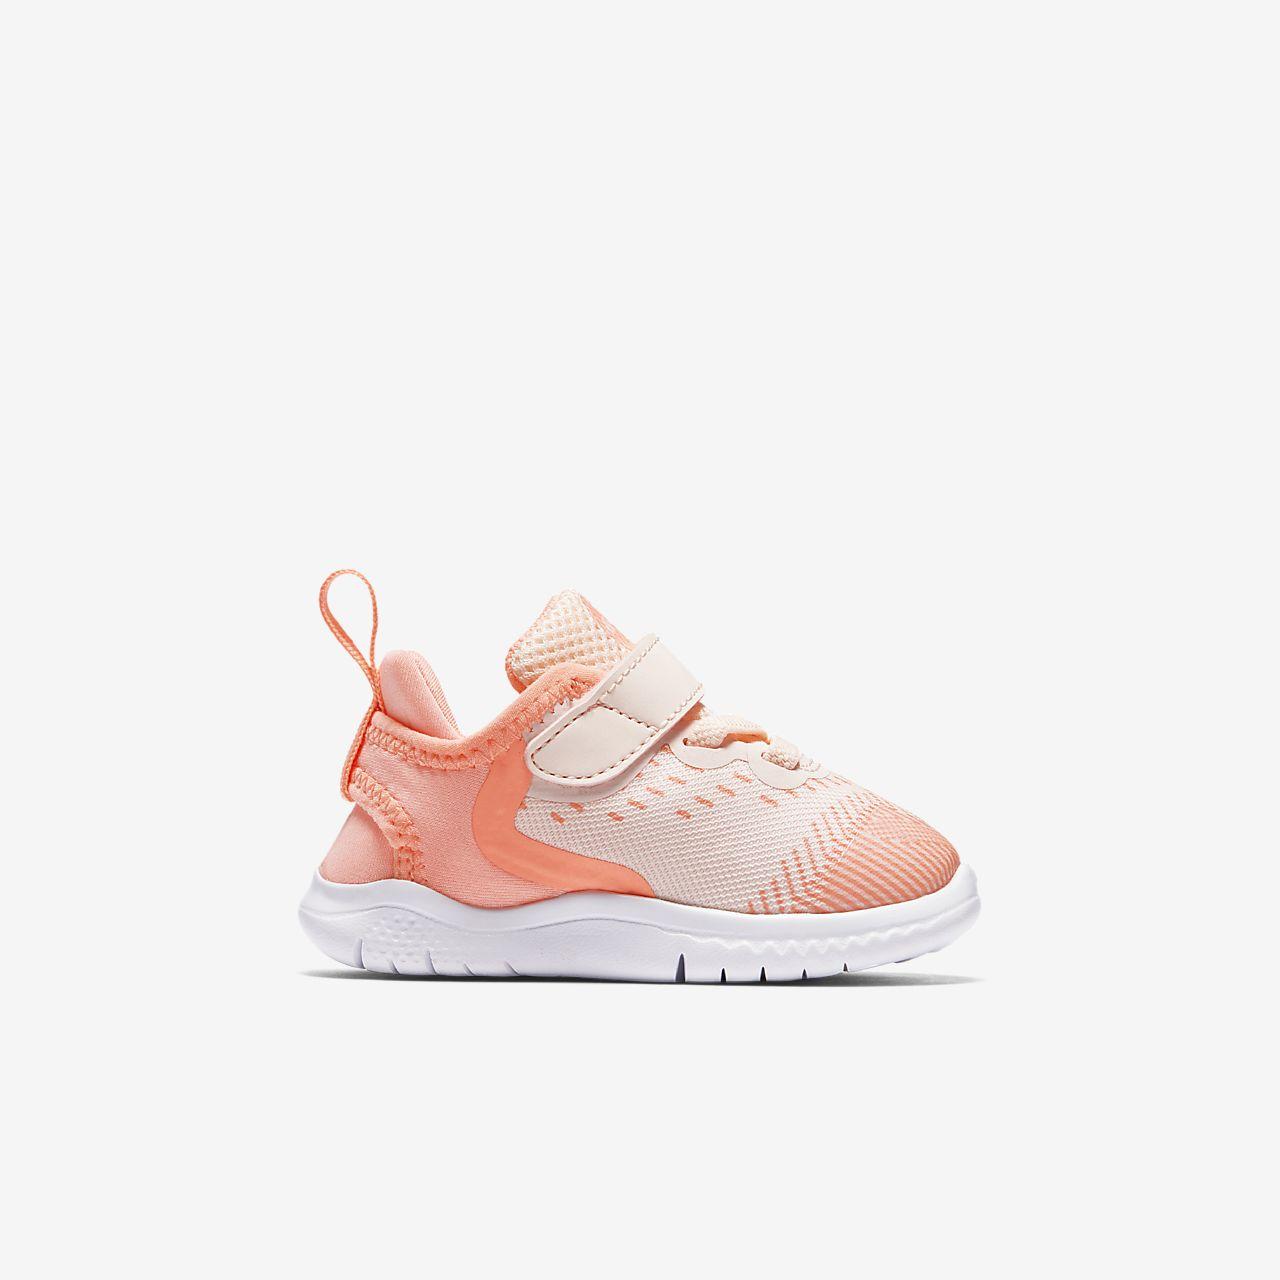 new styles 2e985 d058c ... Calzado para bebé e infantil Nike Free RN 2018